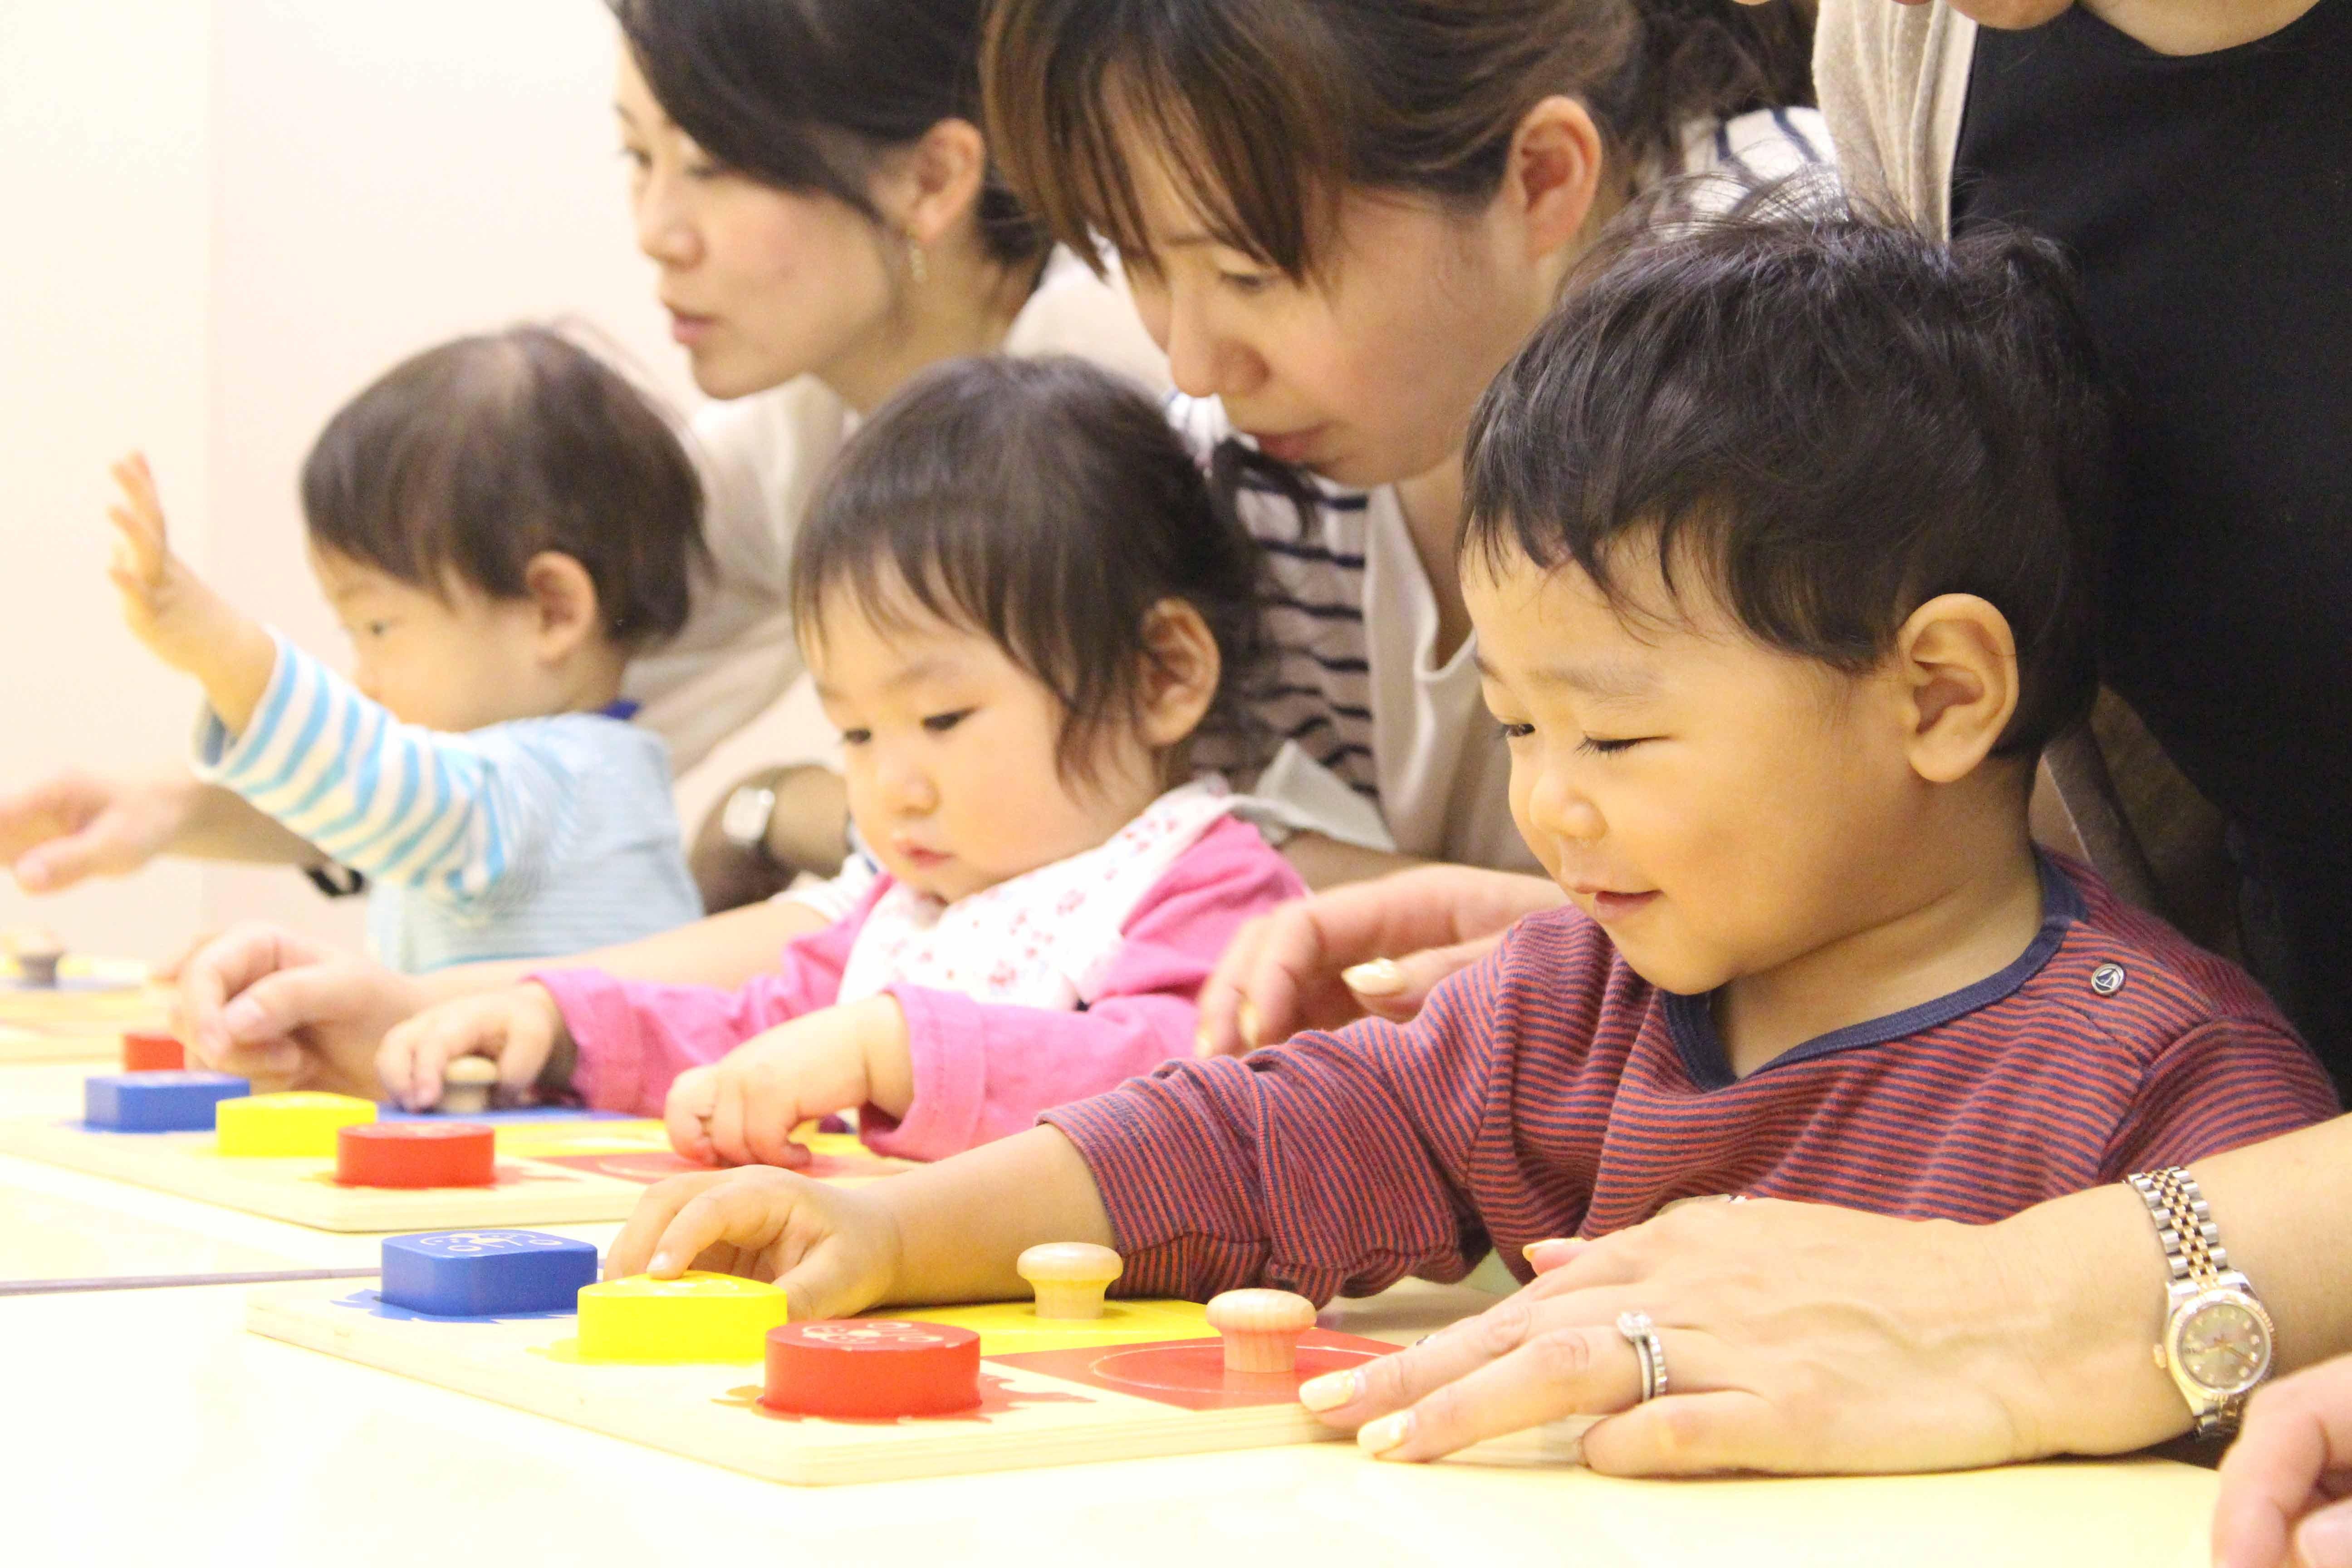 幼小教育研究会 プリンスジュニア 八王子中央校 のアルバイト情報